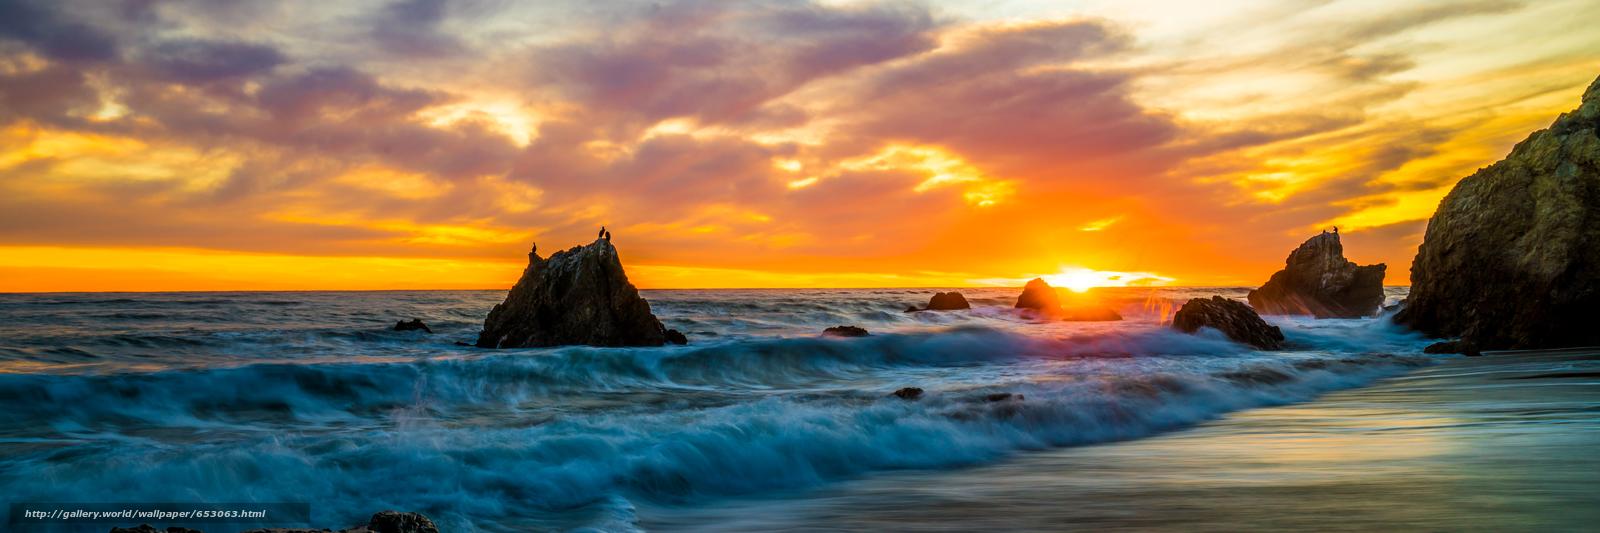 панорамное фото океан высокое разрешение